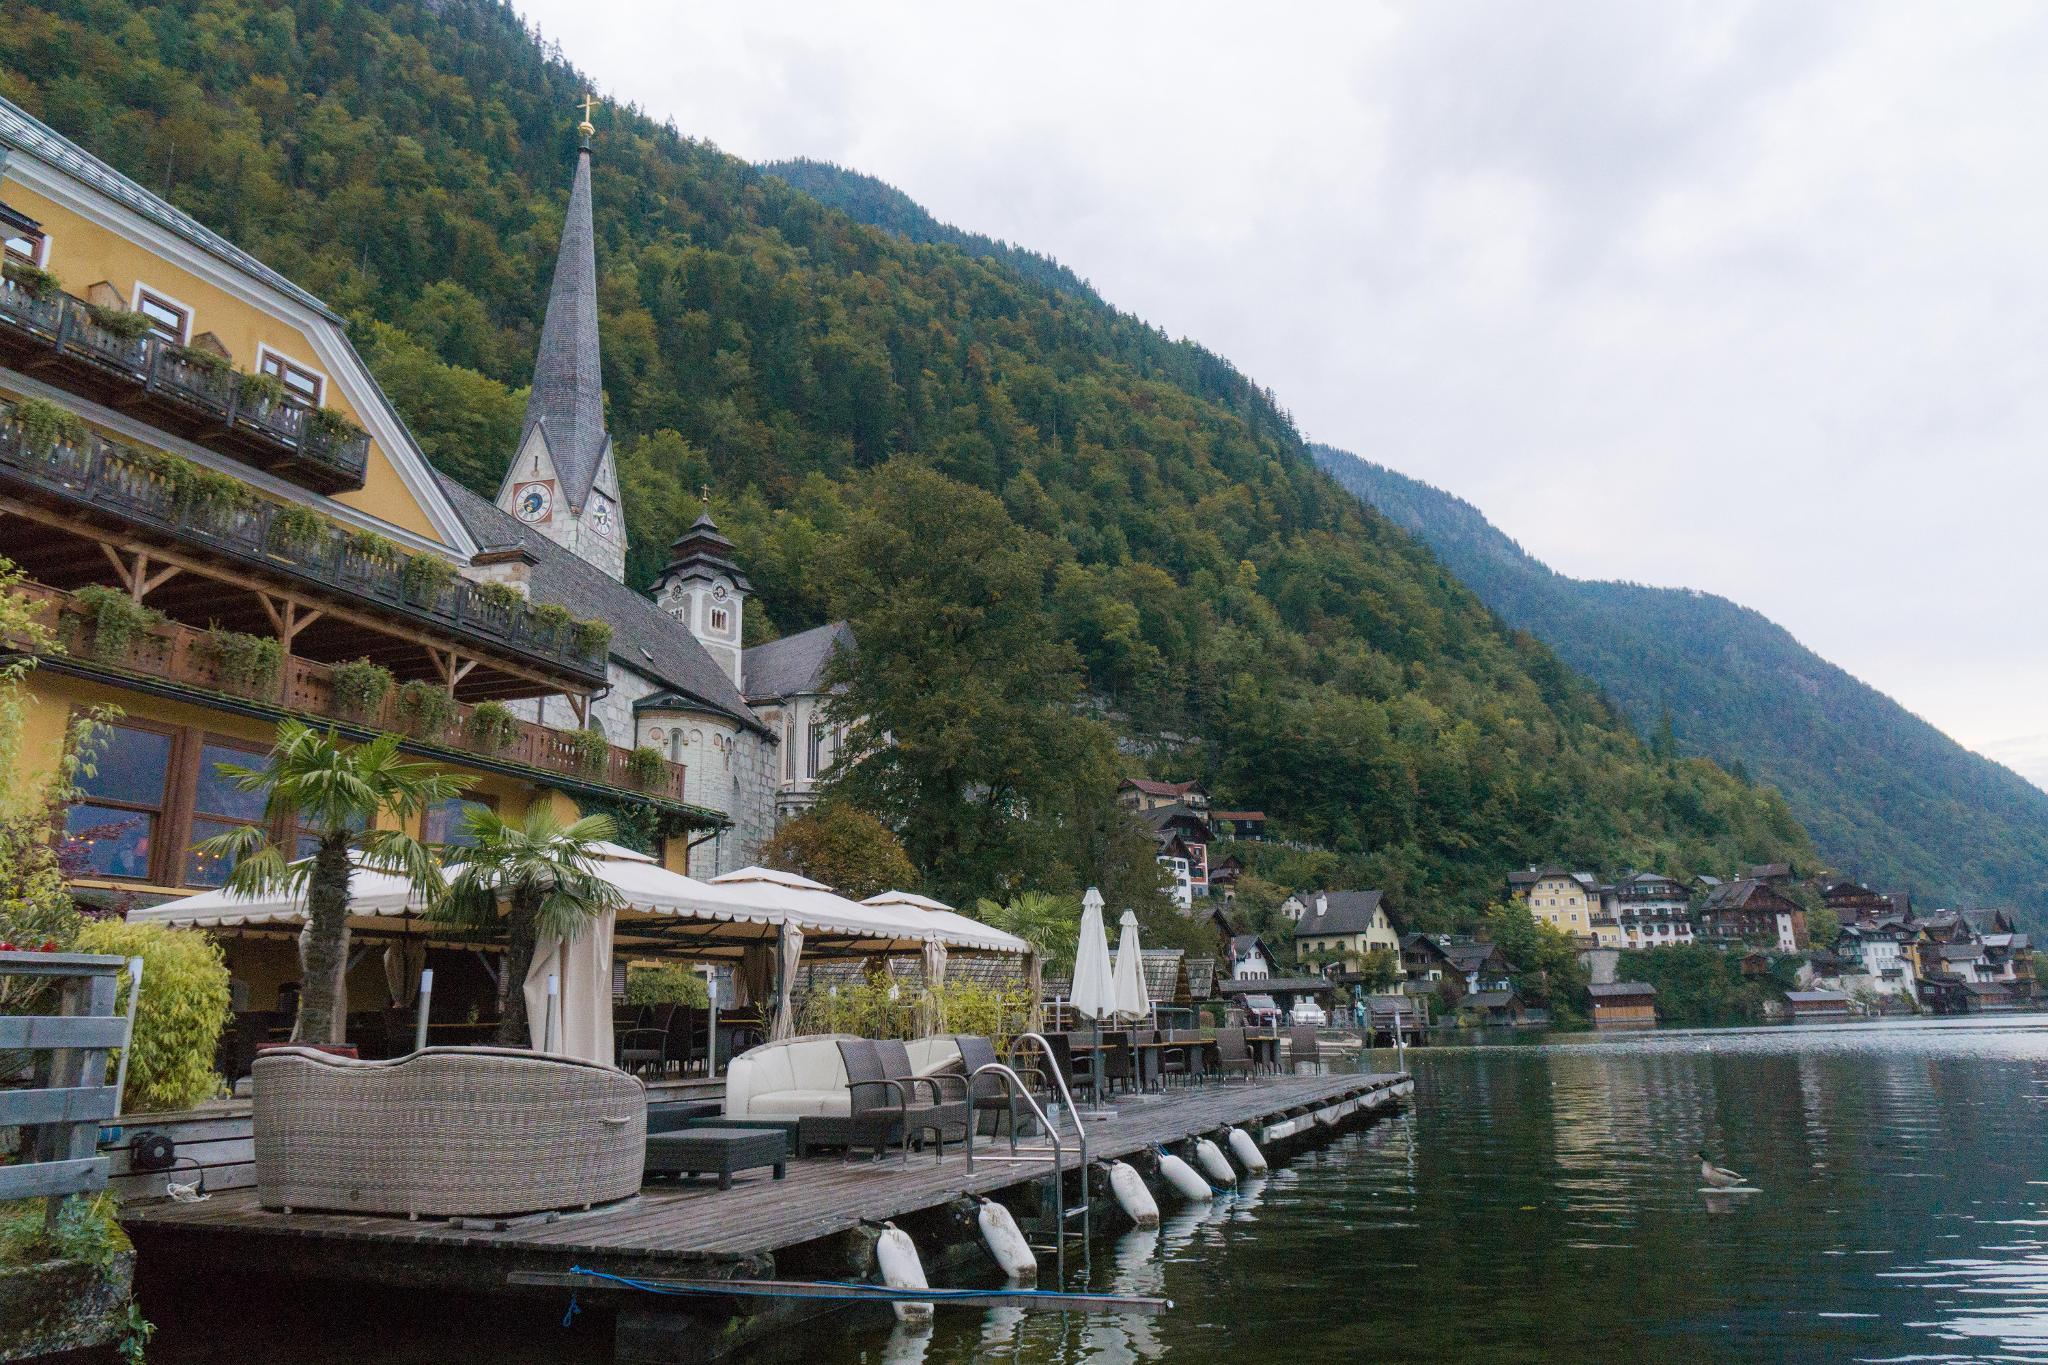 【奧地利】童話仙境 Hallstatt 哈修塔特 — 追逐世界遺產小鎮的夢幻黃金日出 33